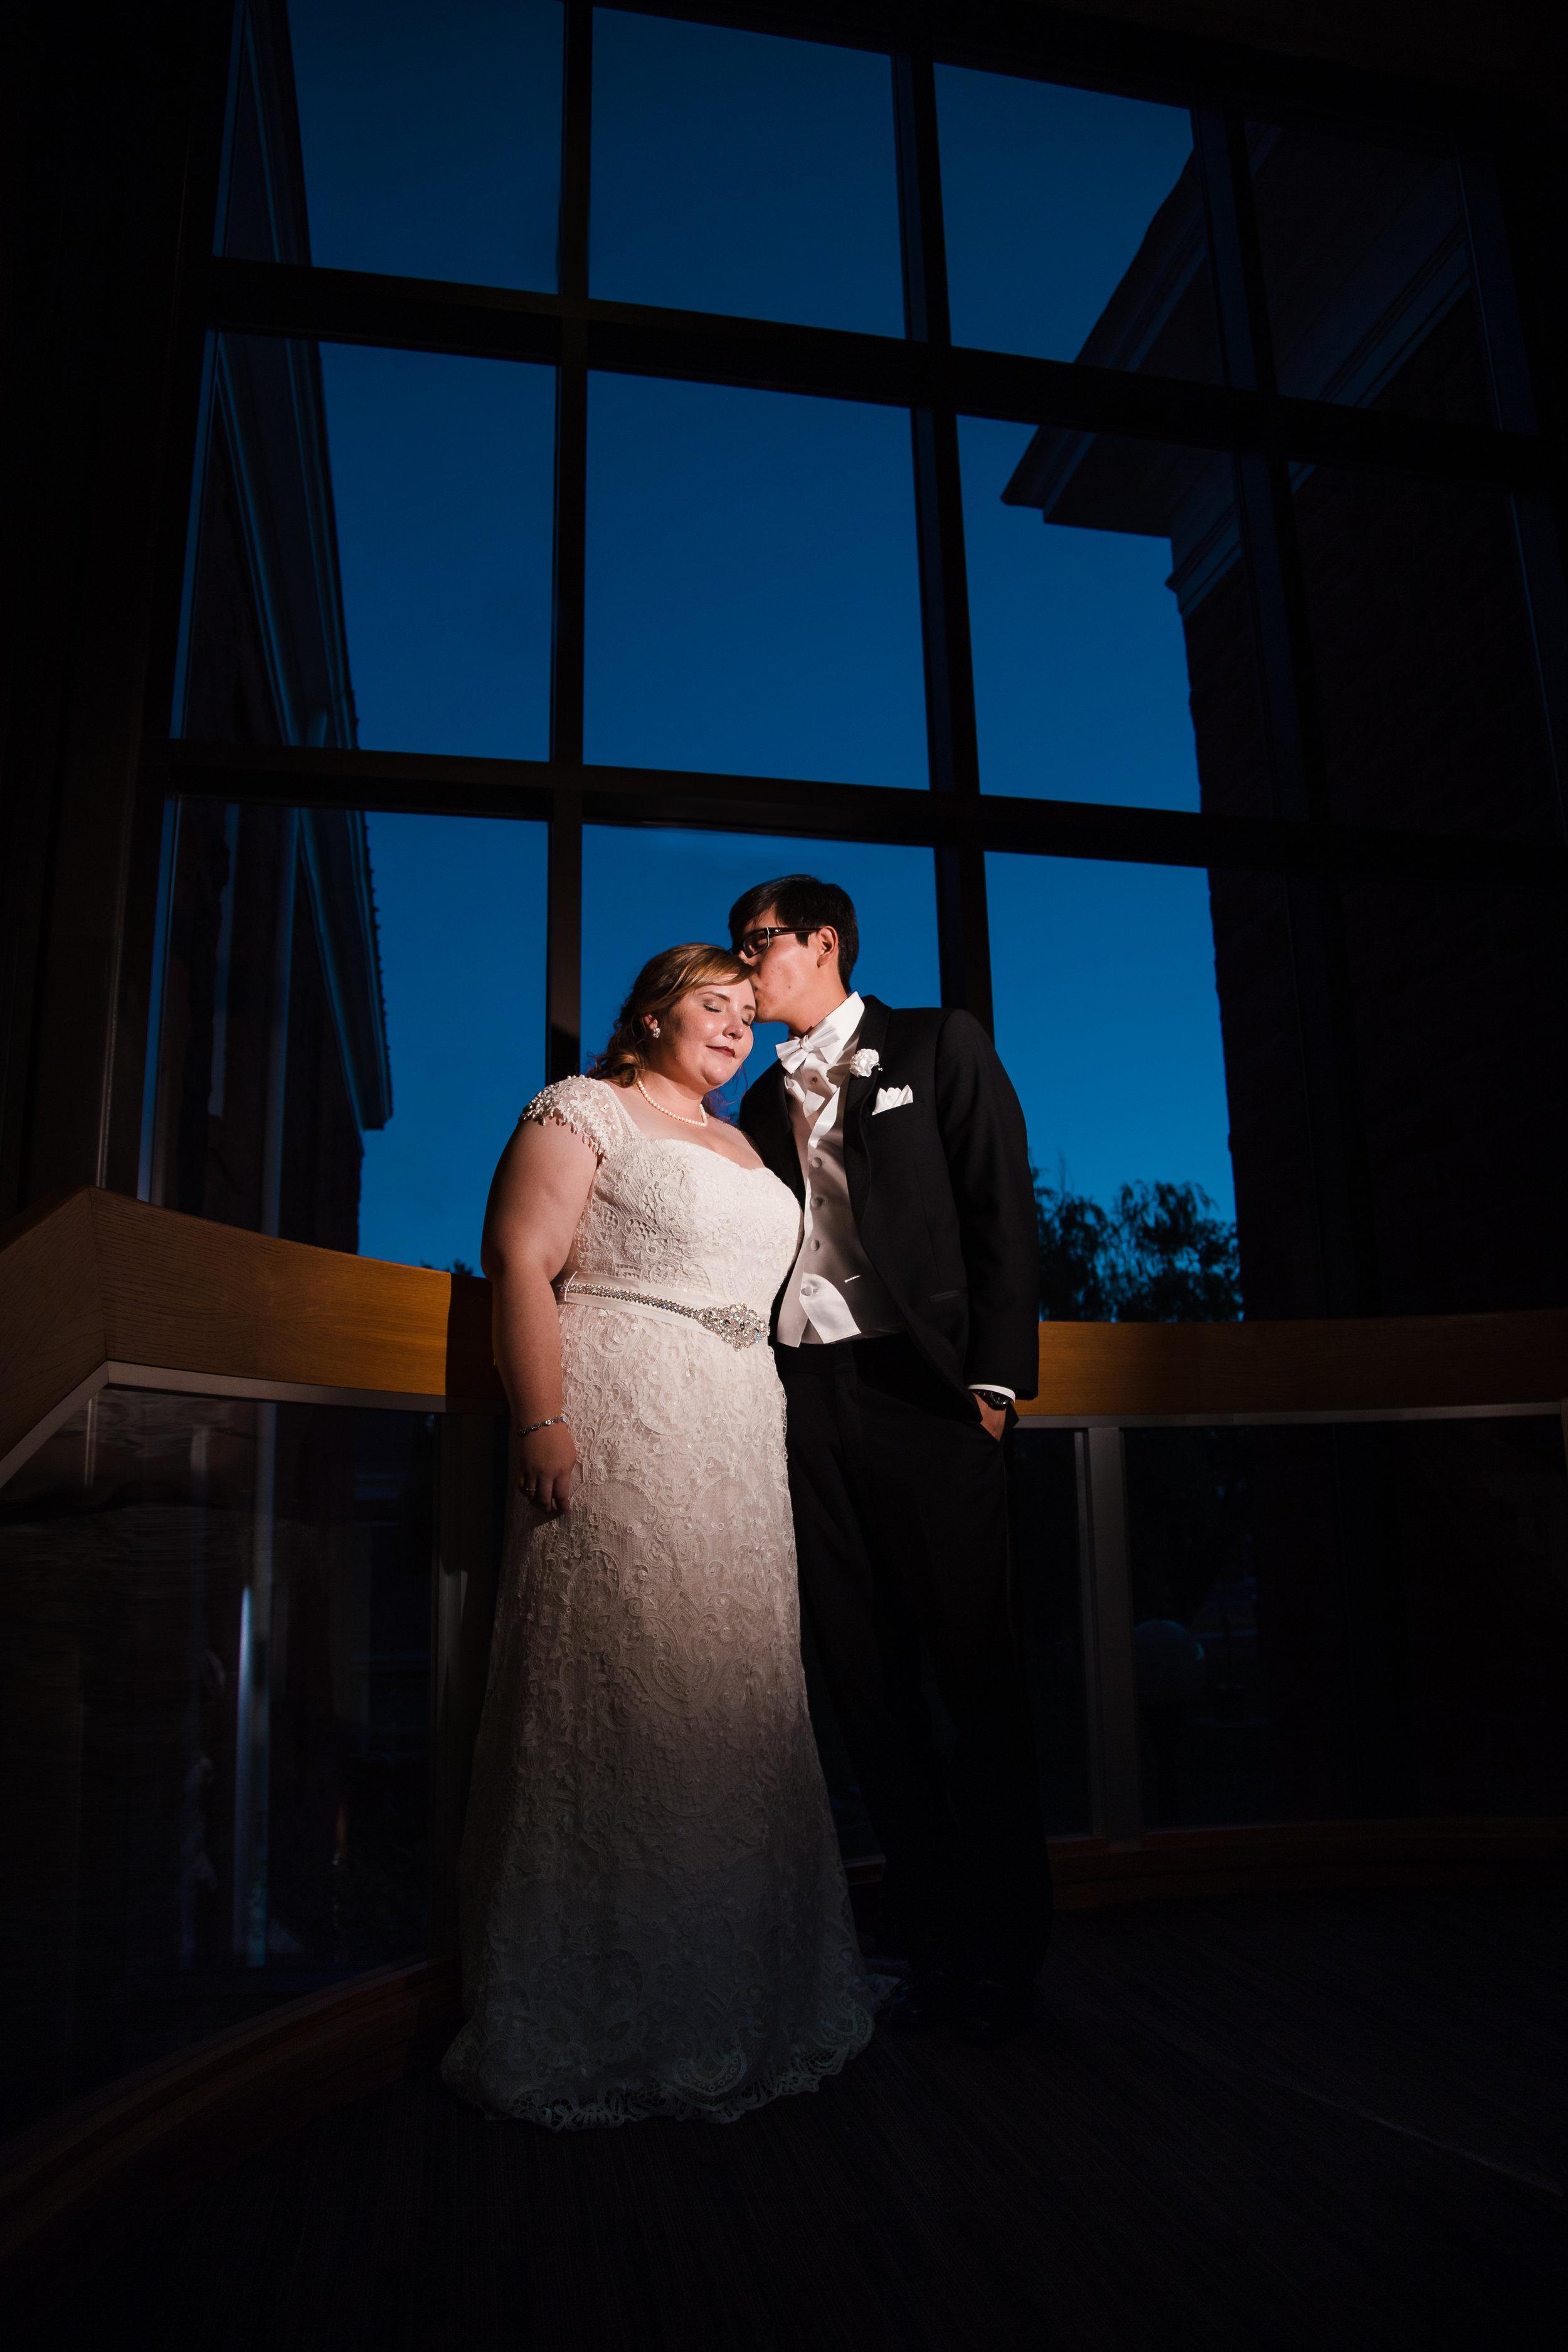 Northern Arizona University wedding